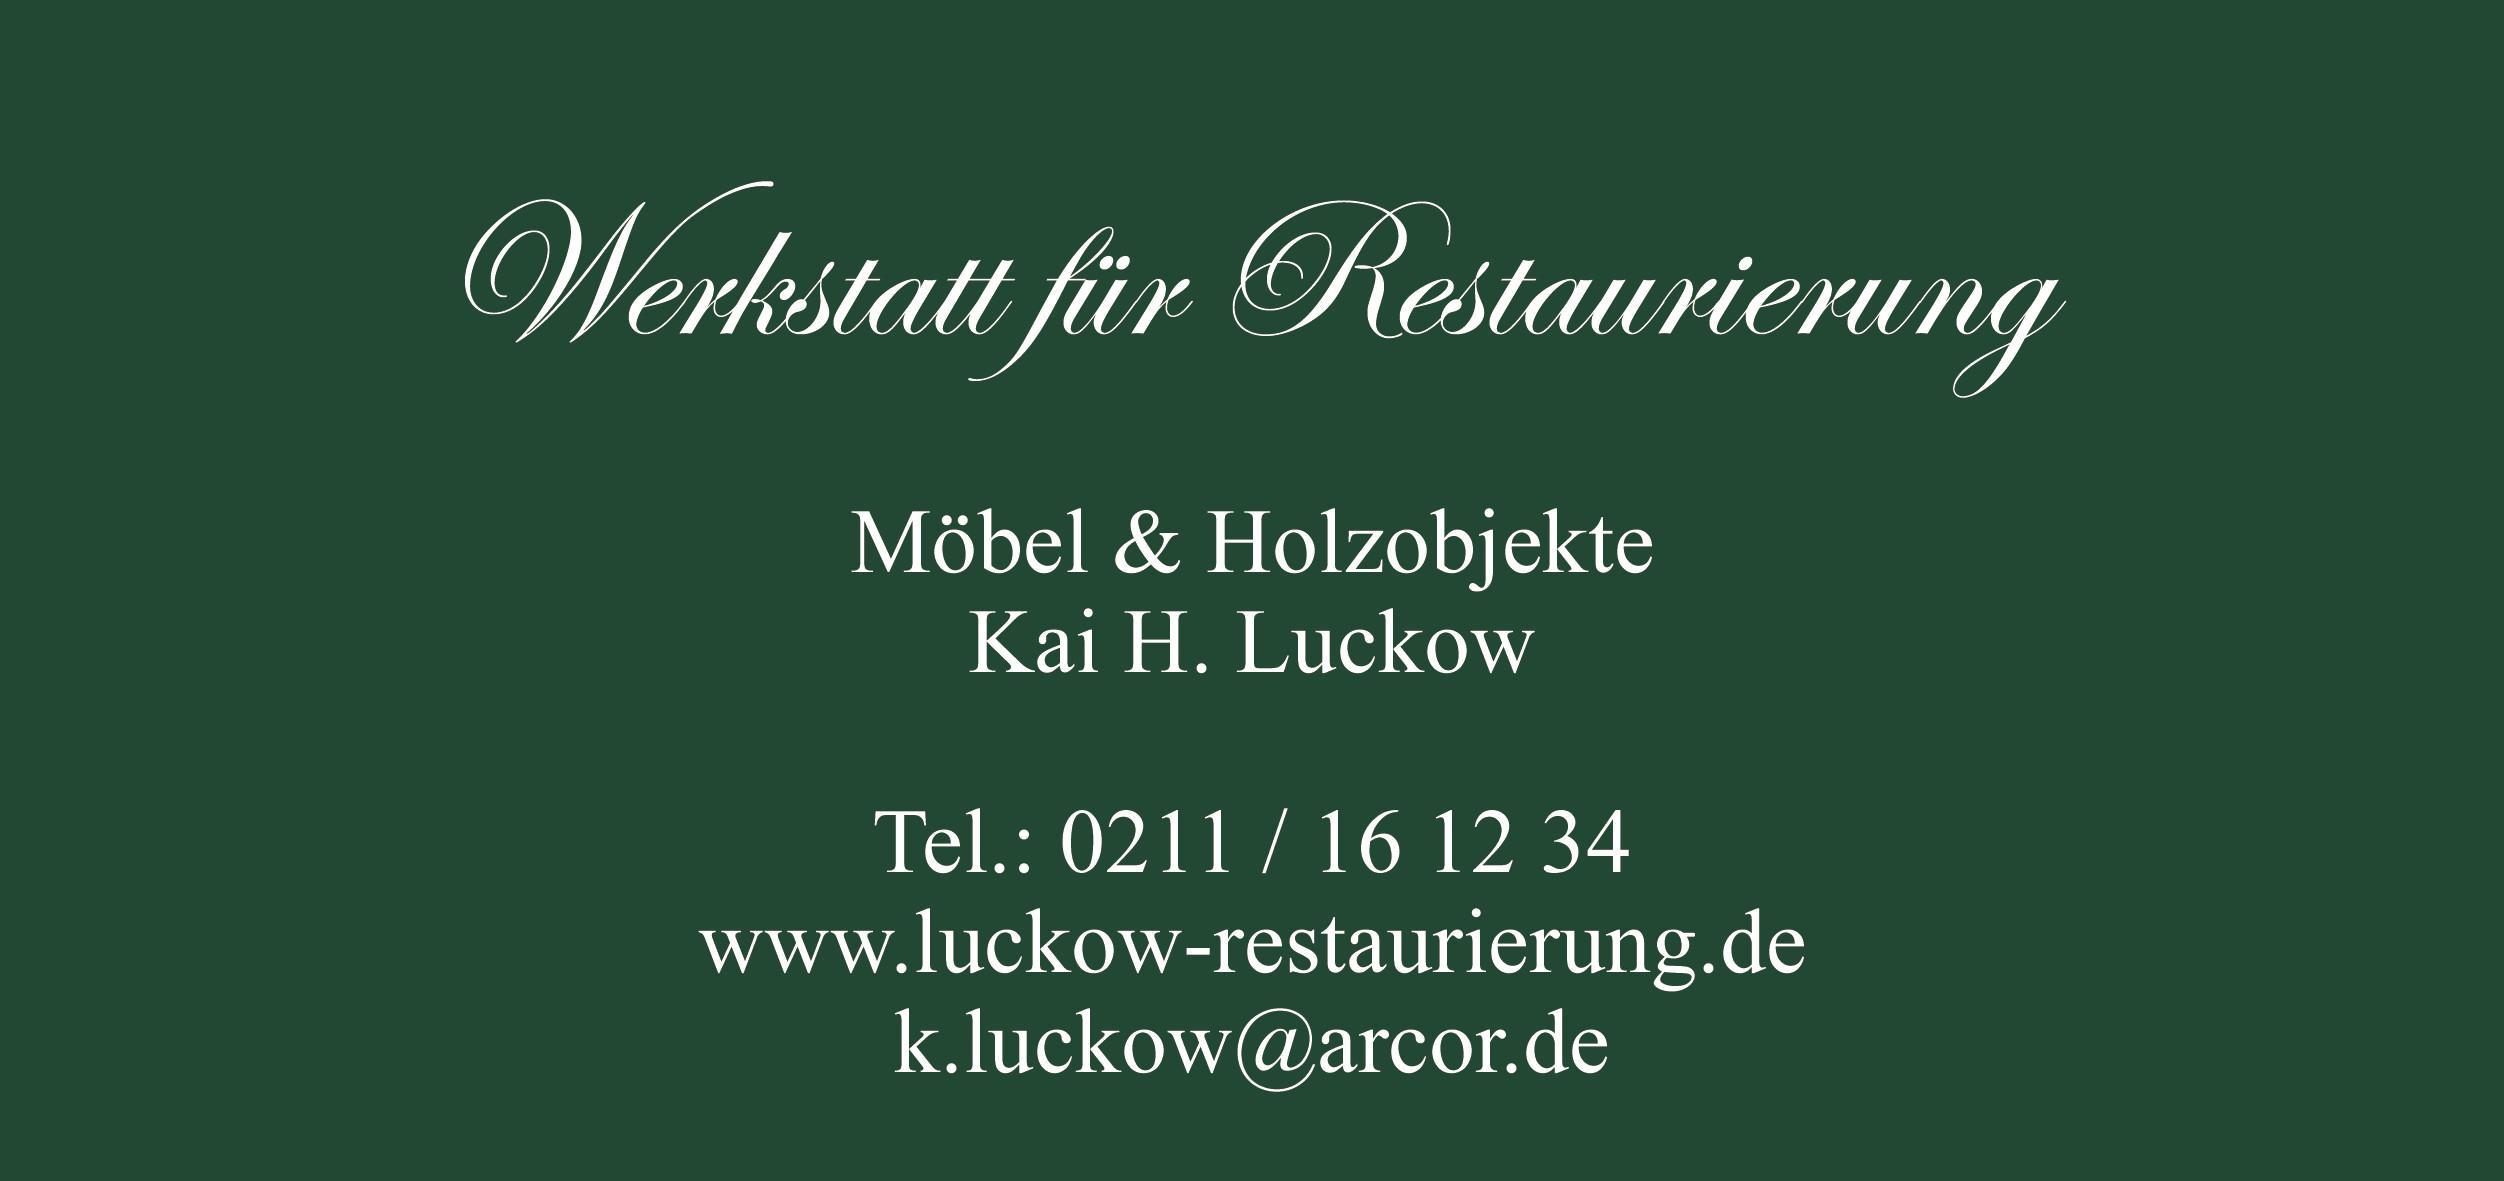 werkstatt f r restaurierung kai h luckow in d sseldorf branchenbuch deutschland. Black Bedroom Furniture Sets. Home Design Ideas